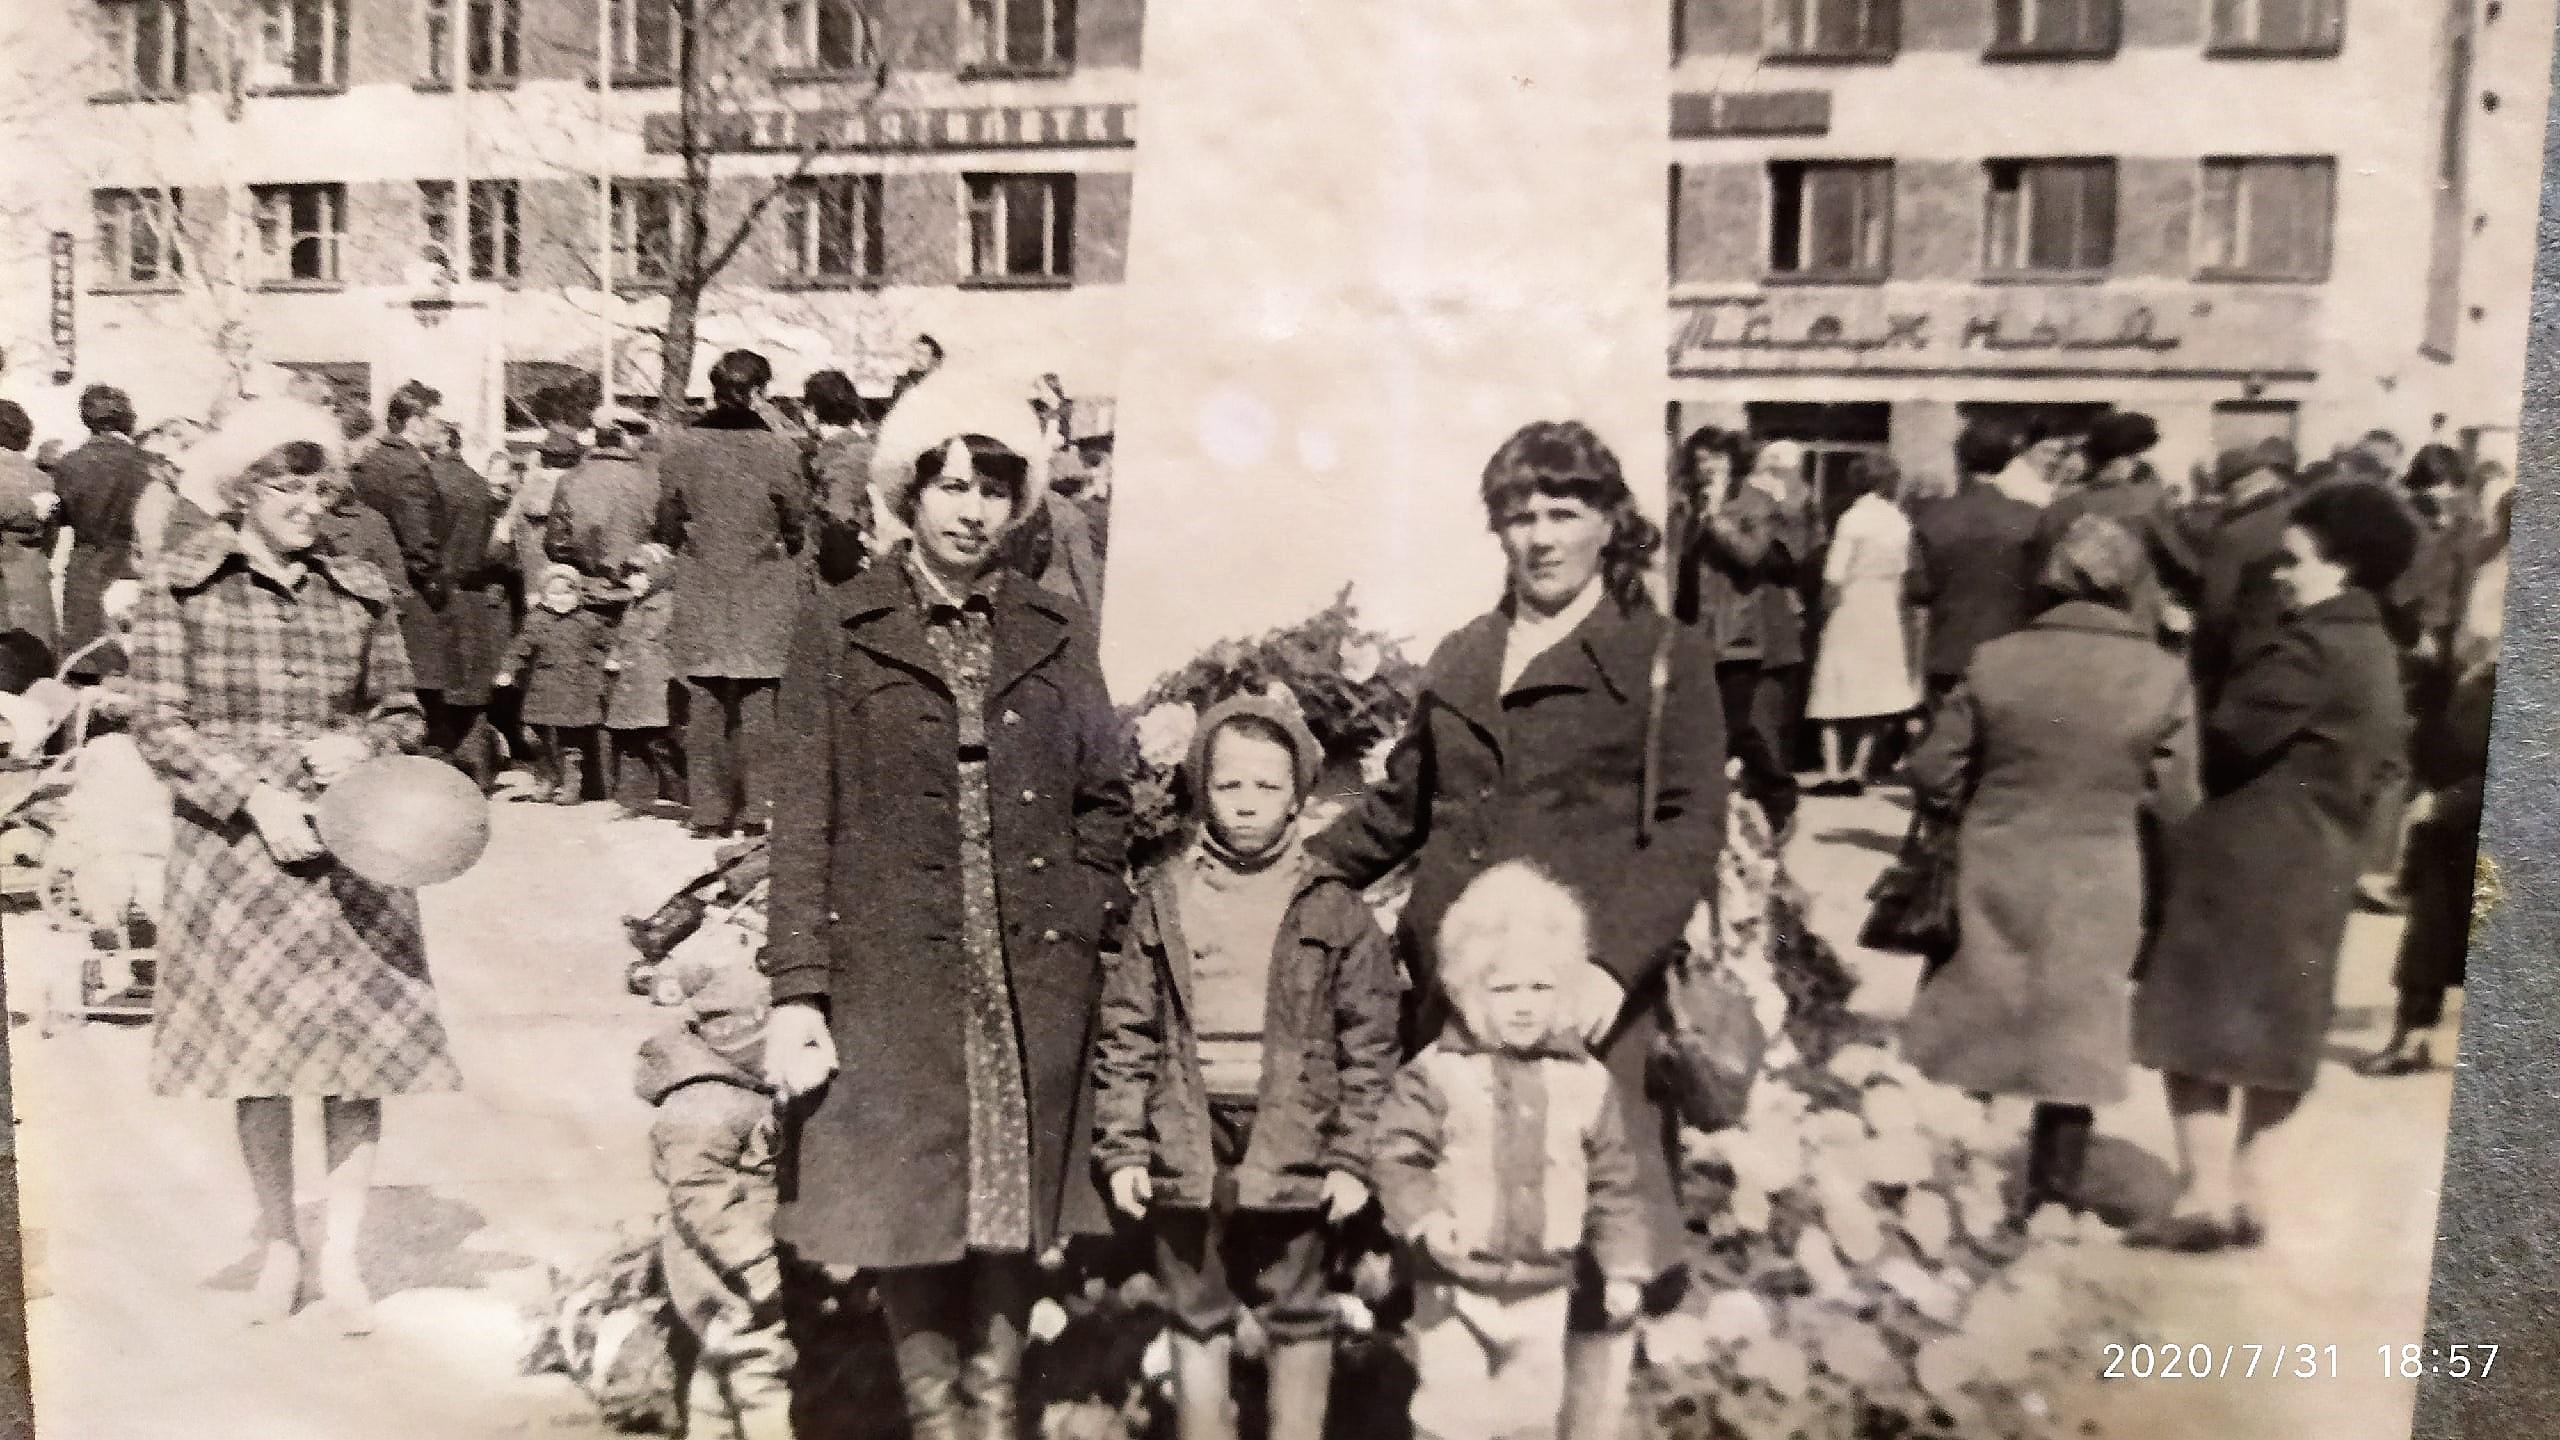 Фото 1981-го года, на празднике в центре